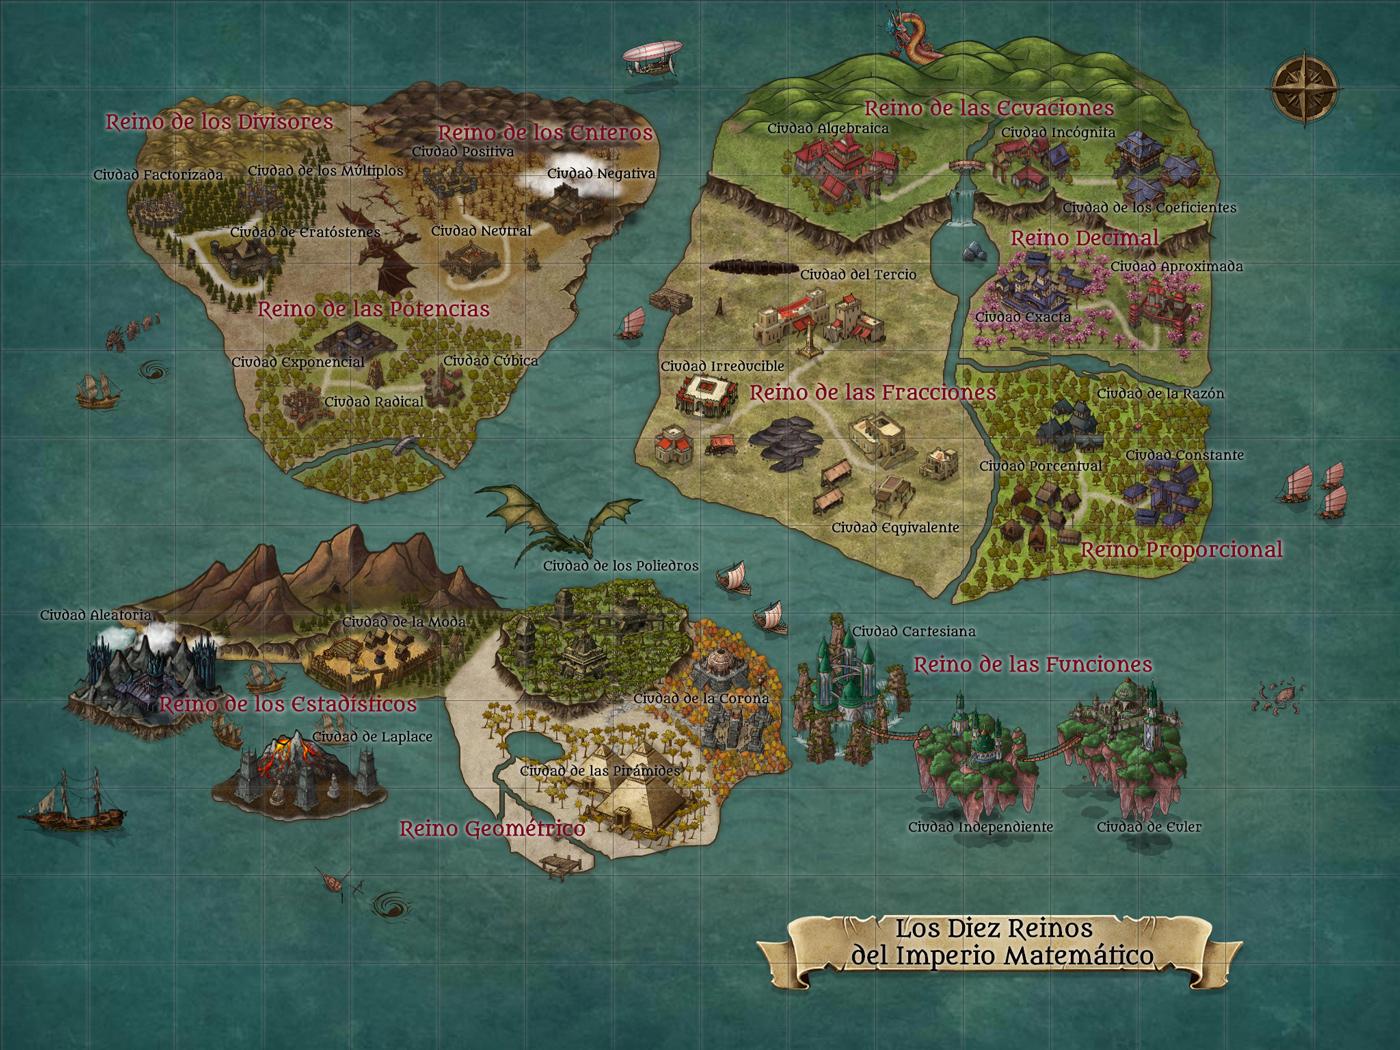 Mapa de la aventura creado con Inkarnate.